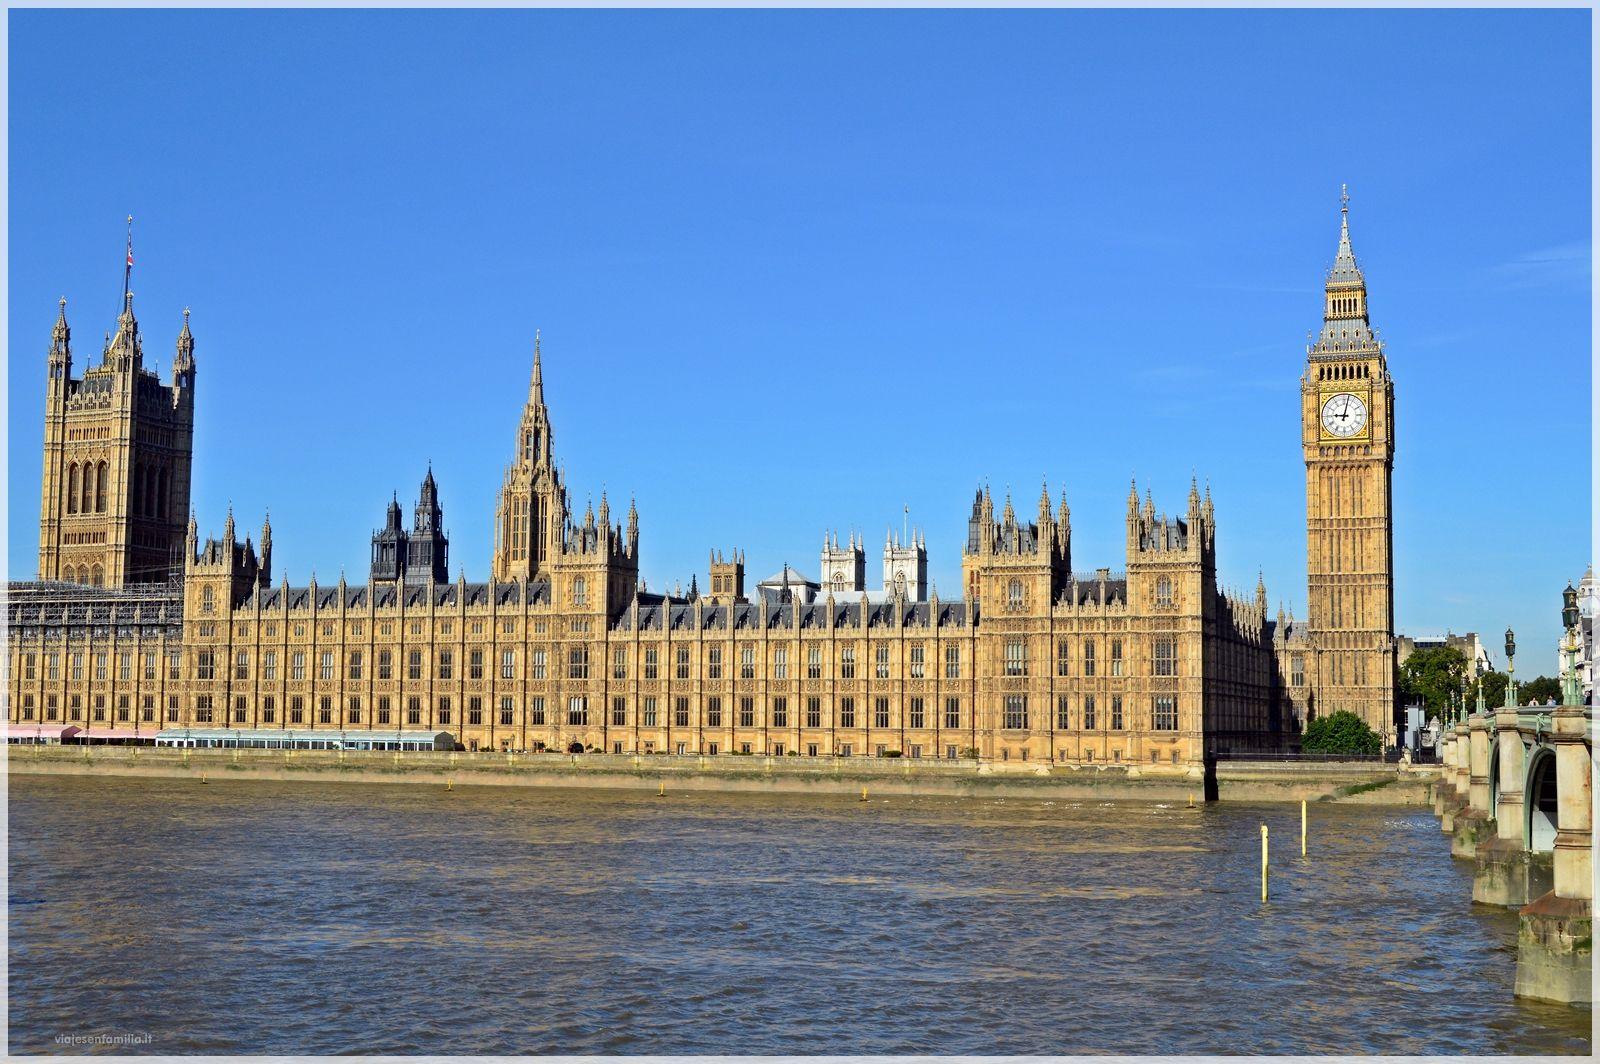 El Parlamento y el Big Ben.  Londres   http://www.viajesenfamilia.it/